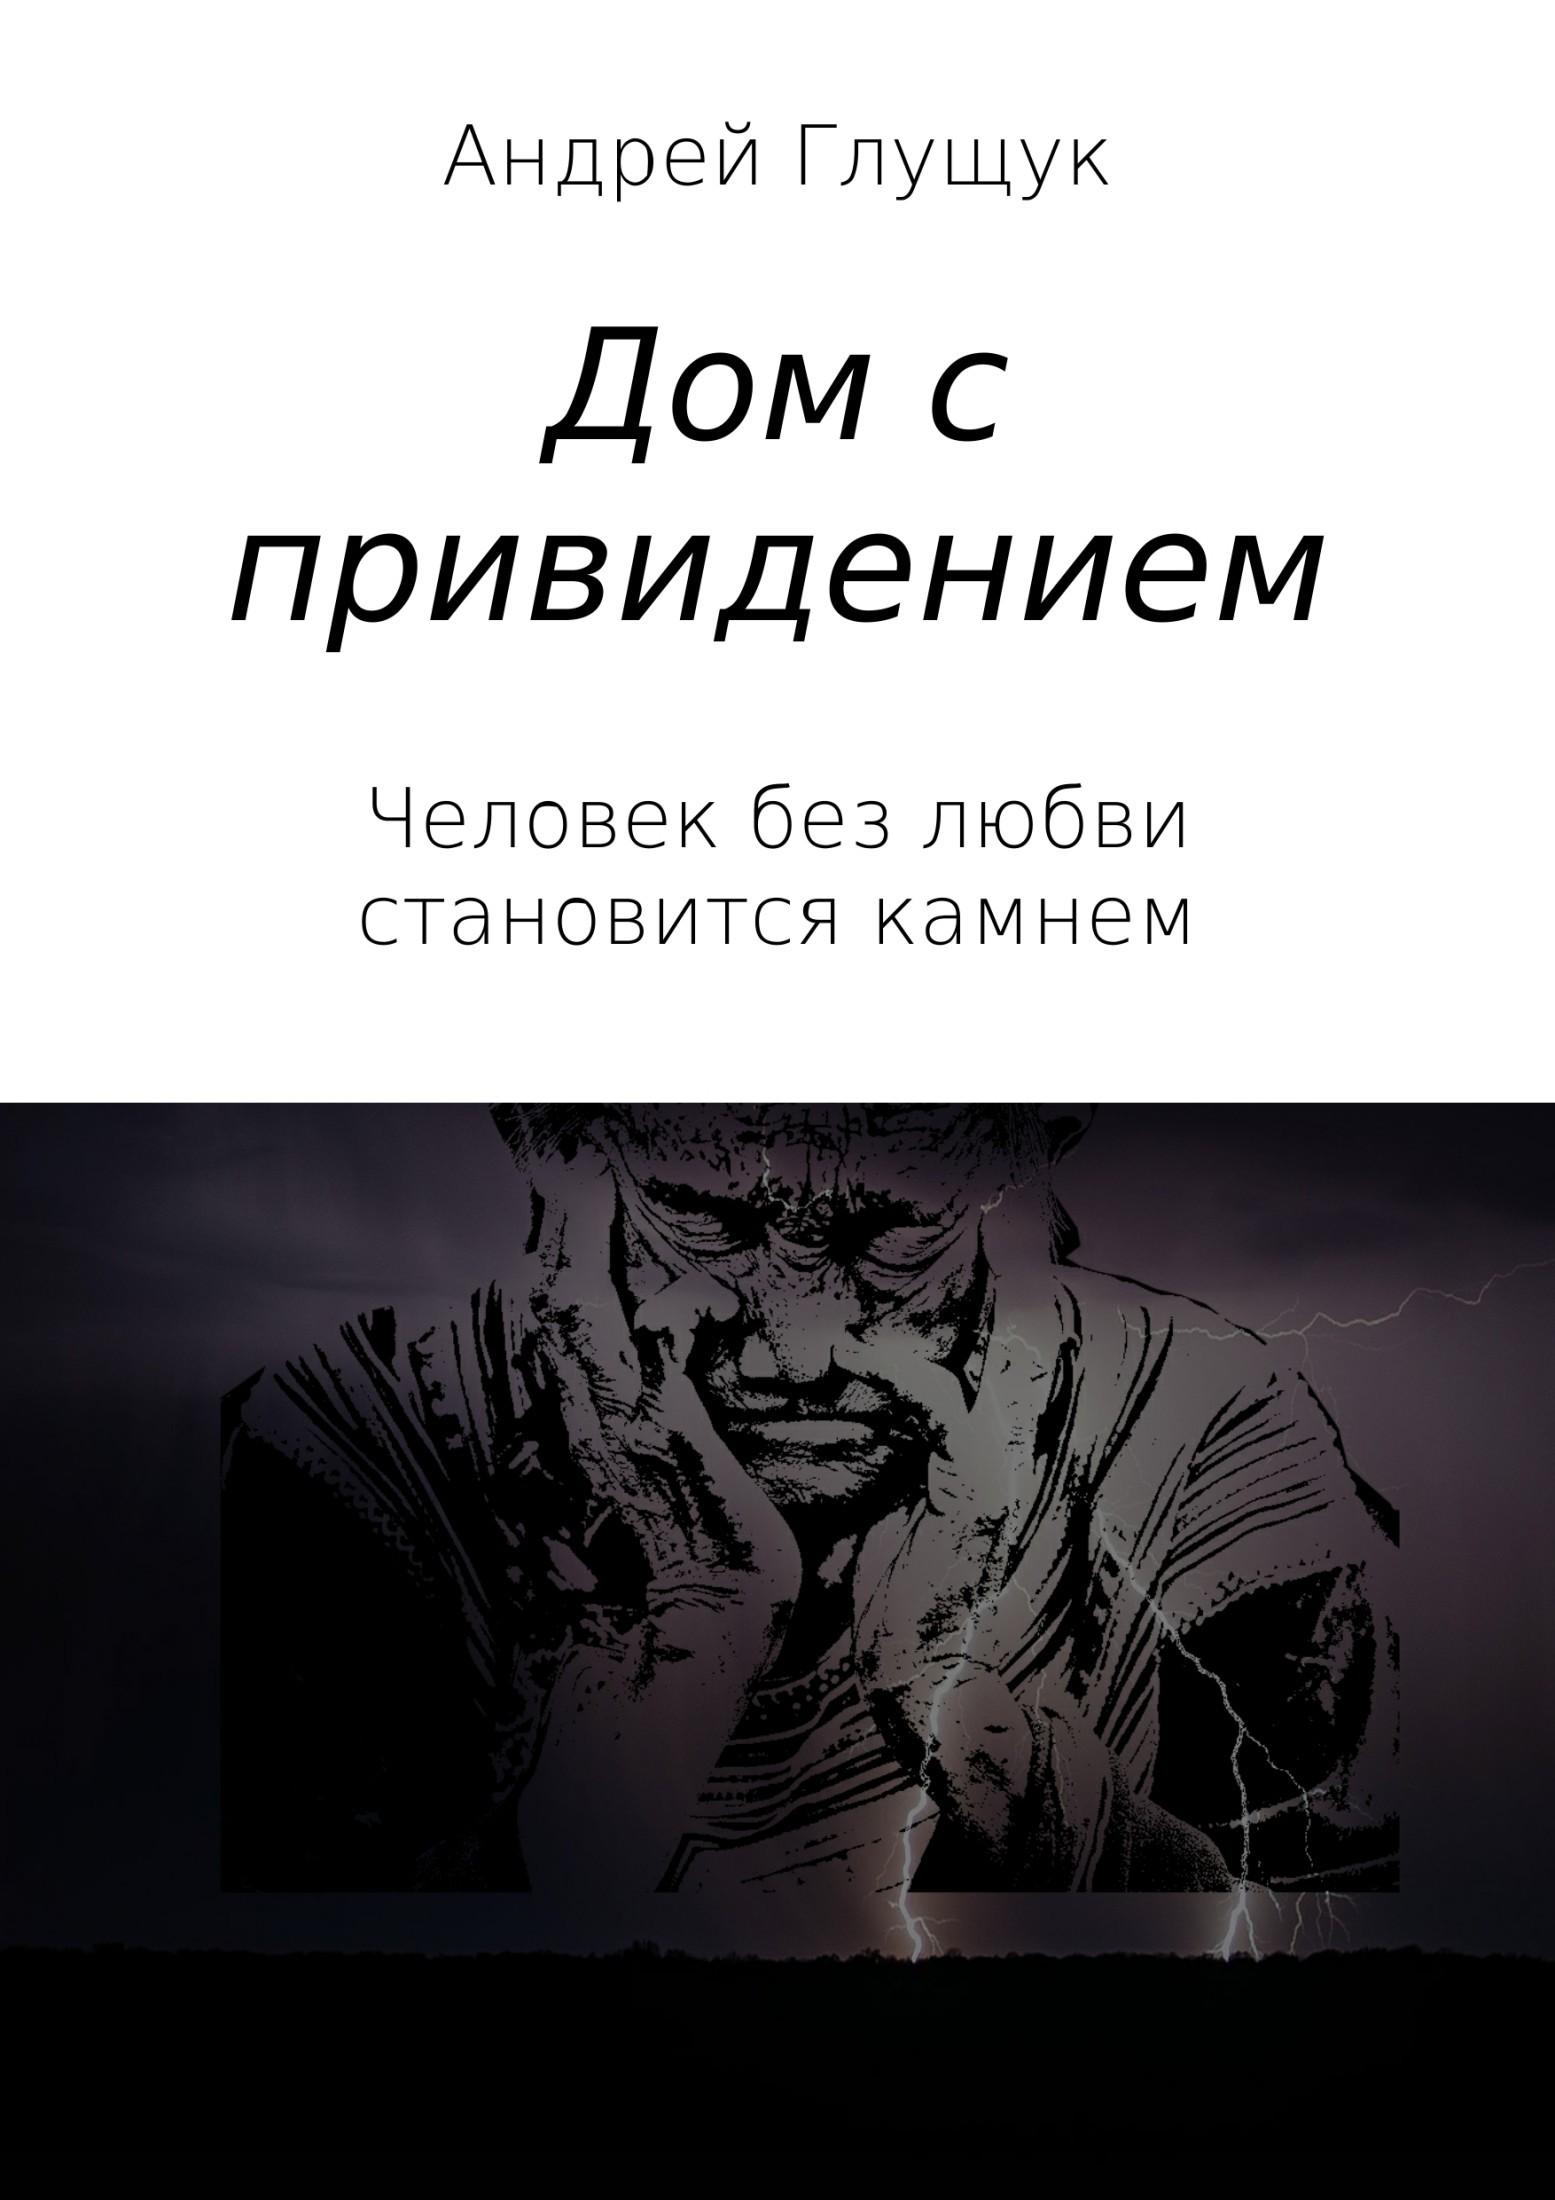 Андрей Михайлович Глущук бесплатно